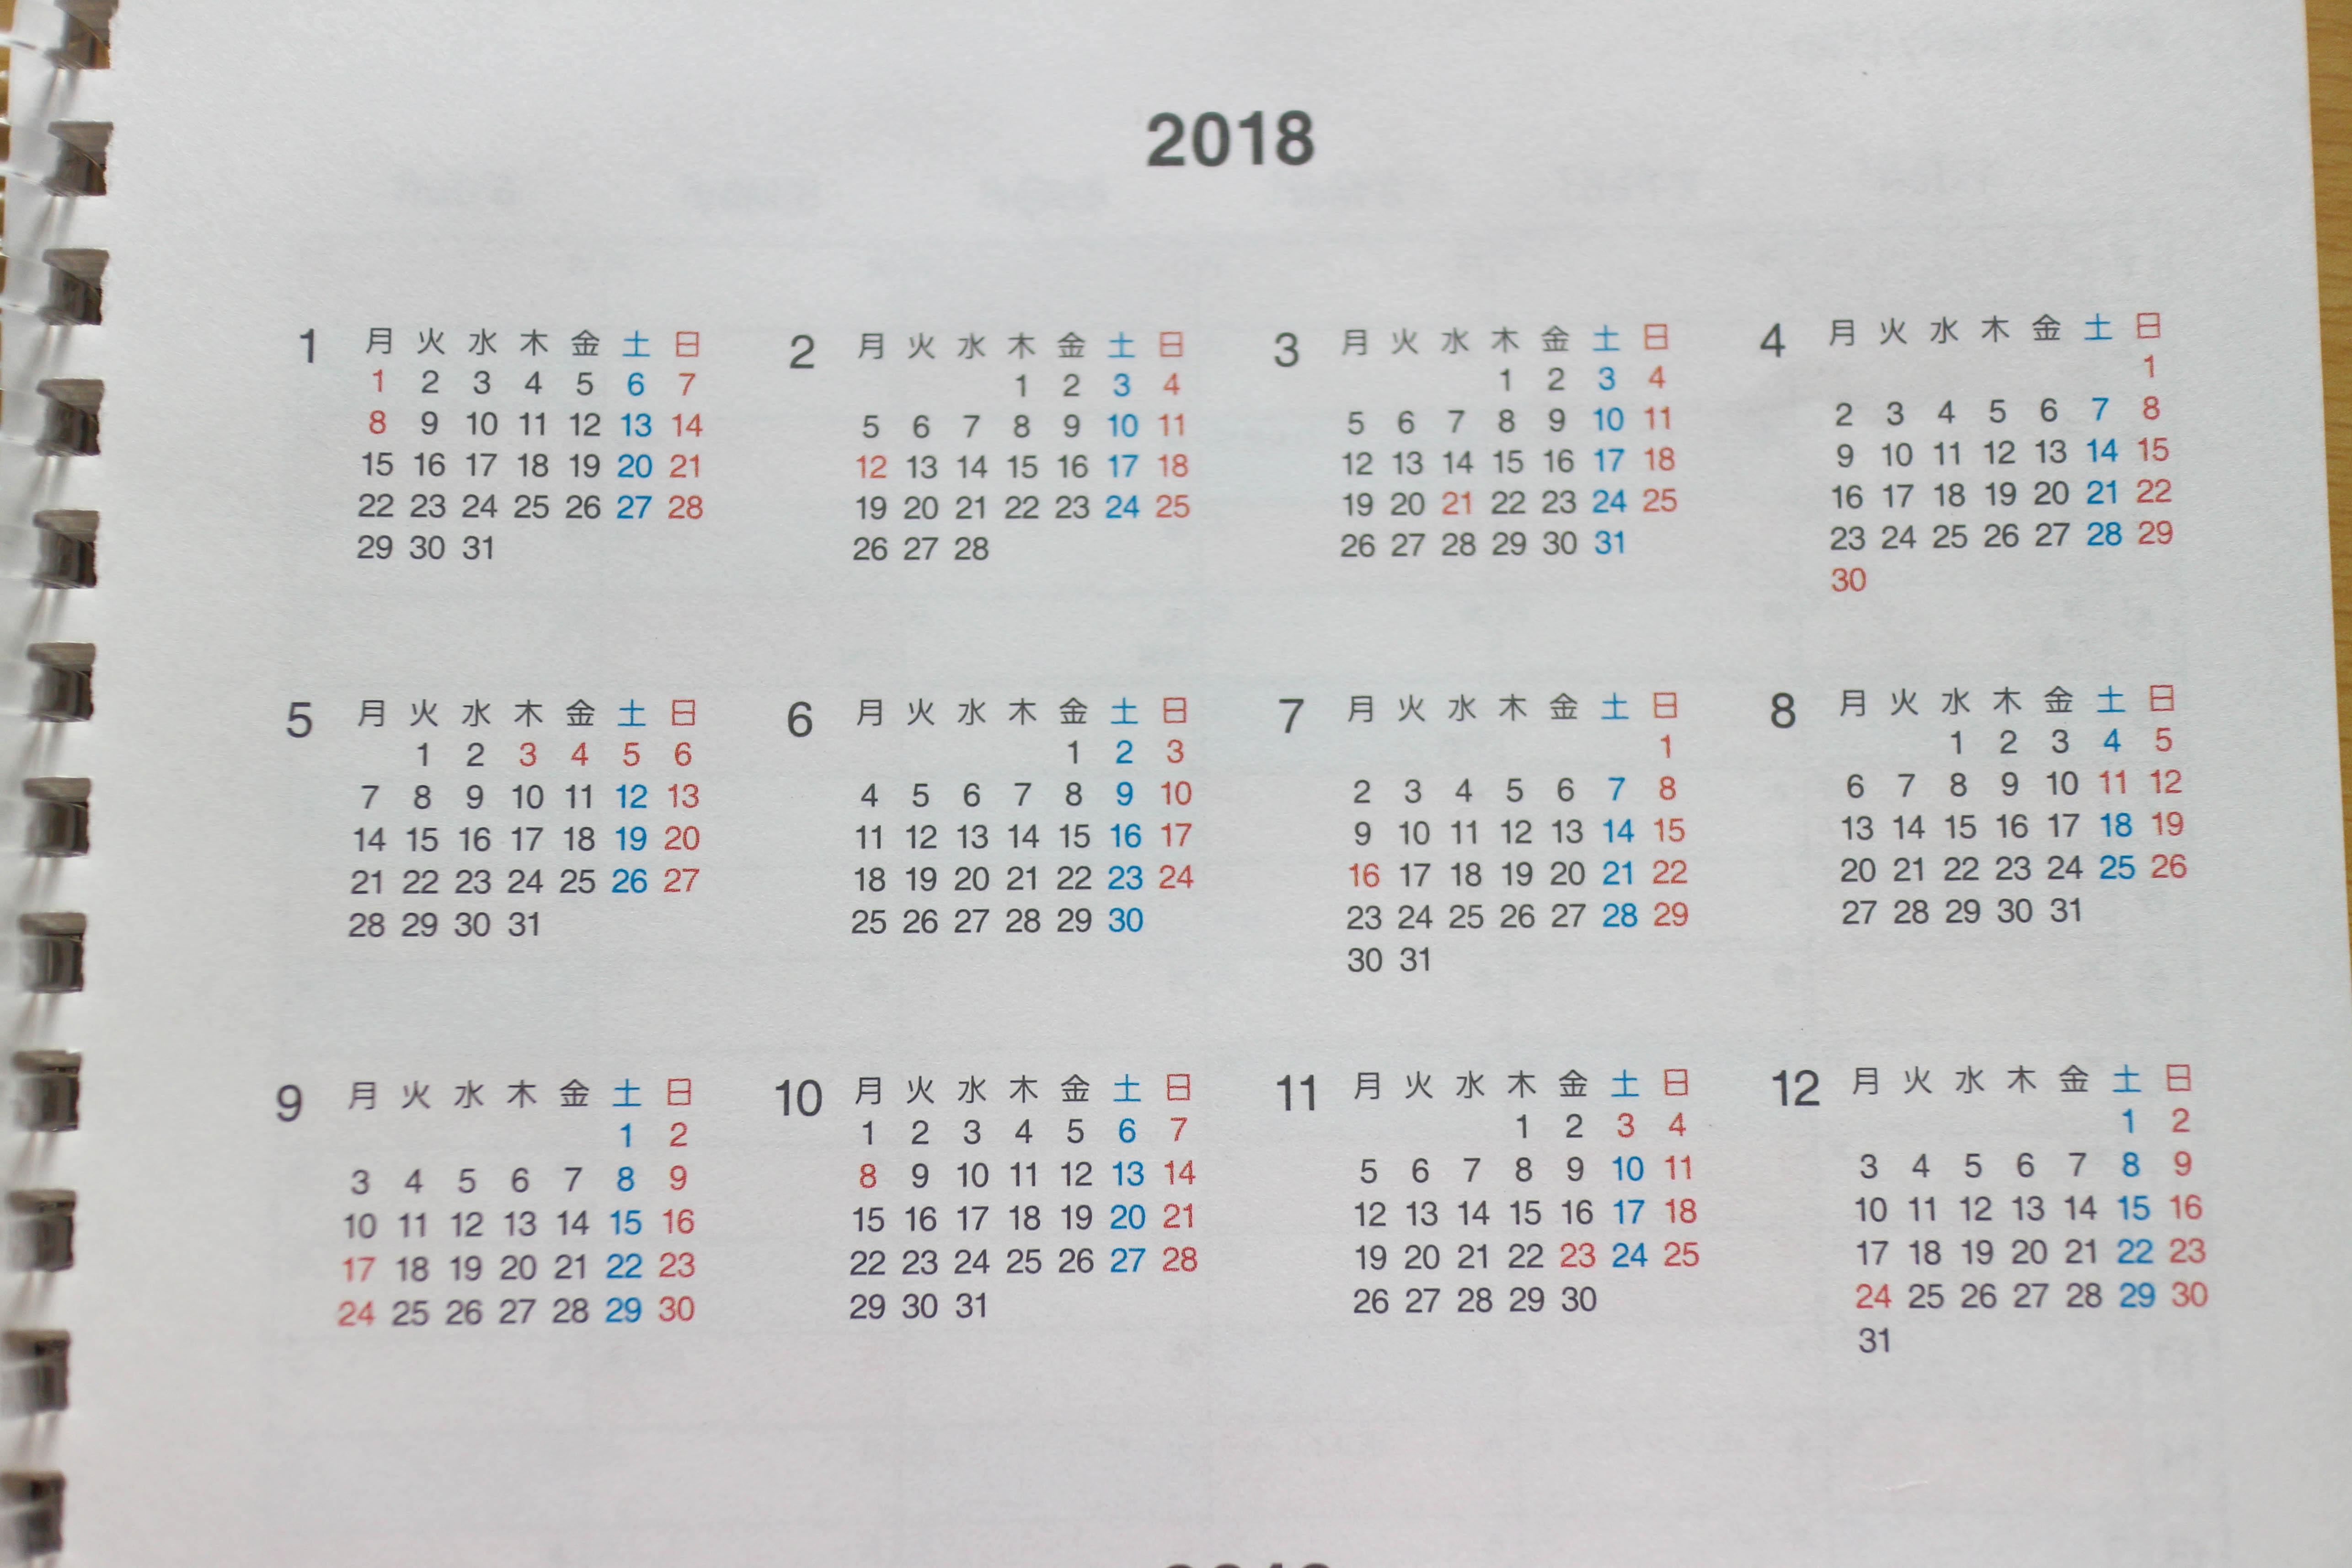 年間カレンダーを拡大したもの